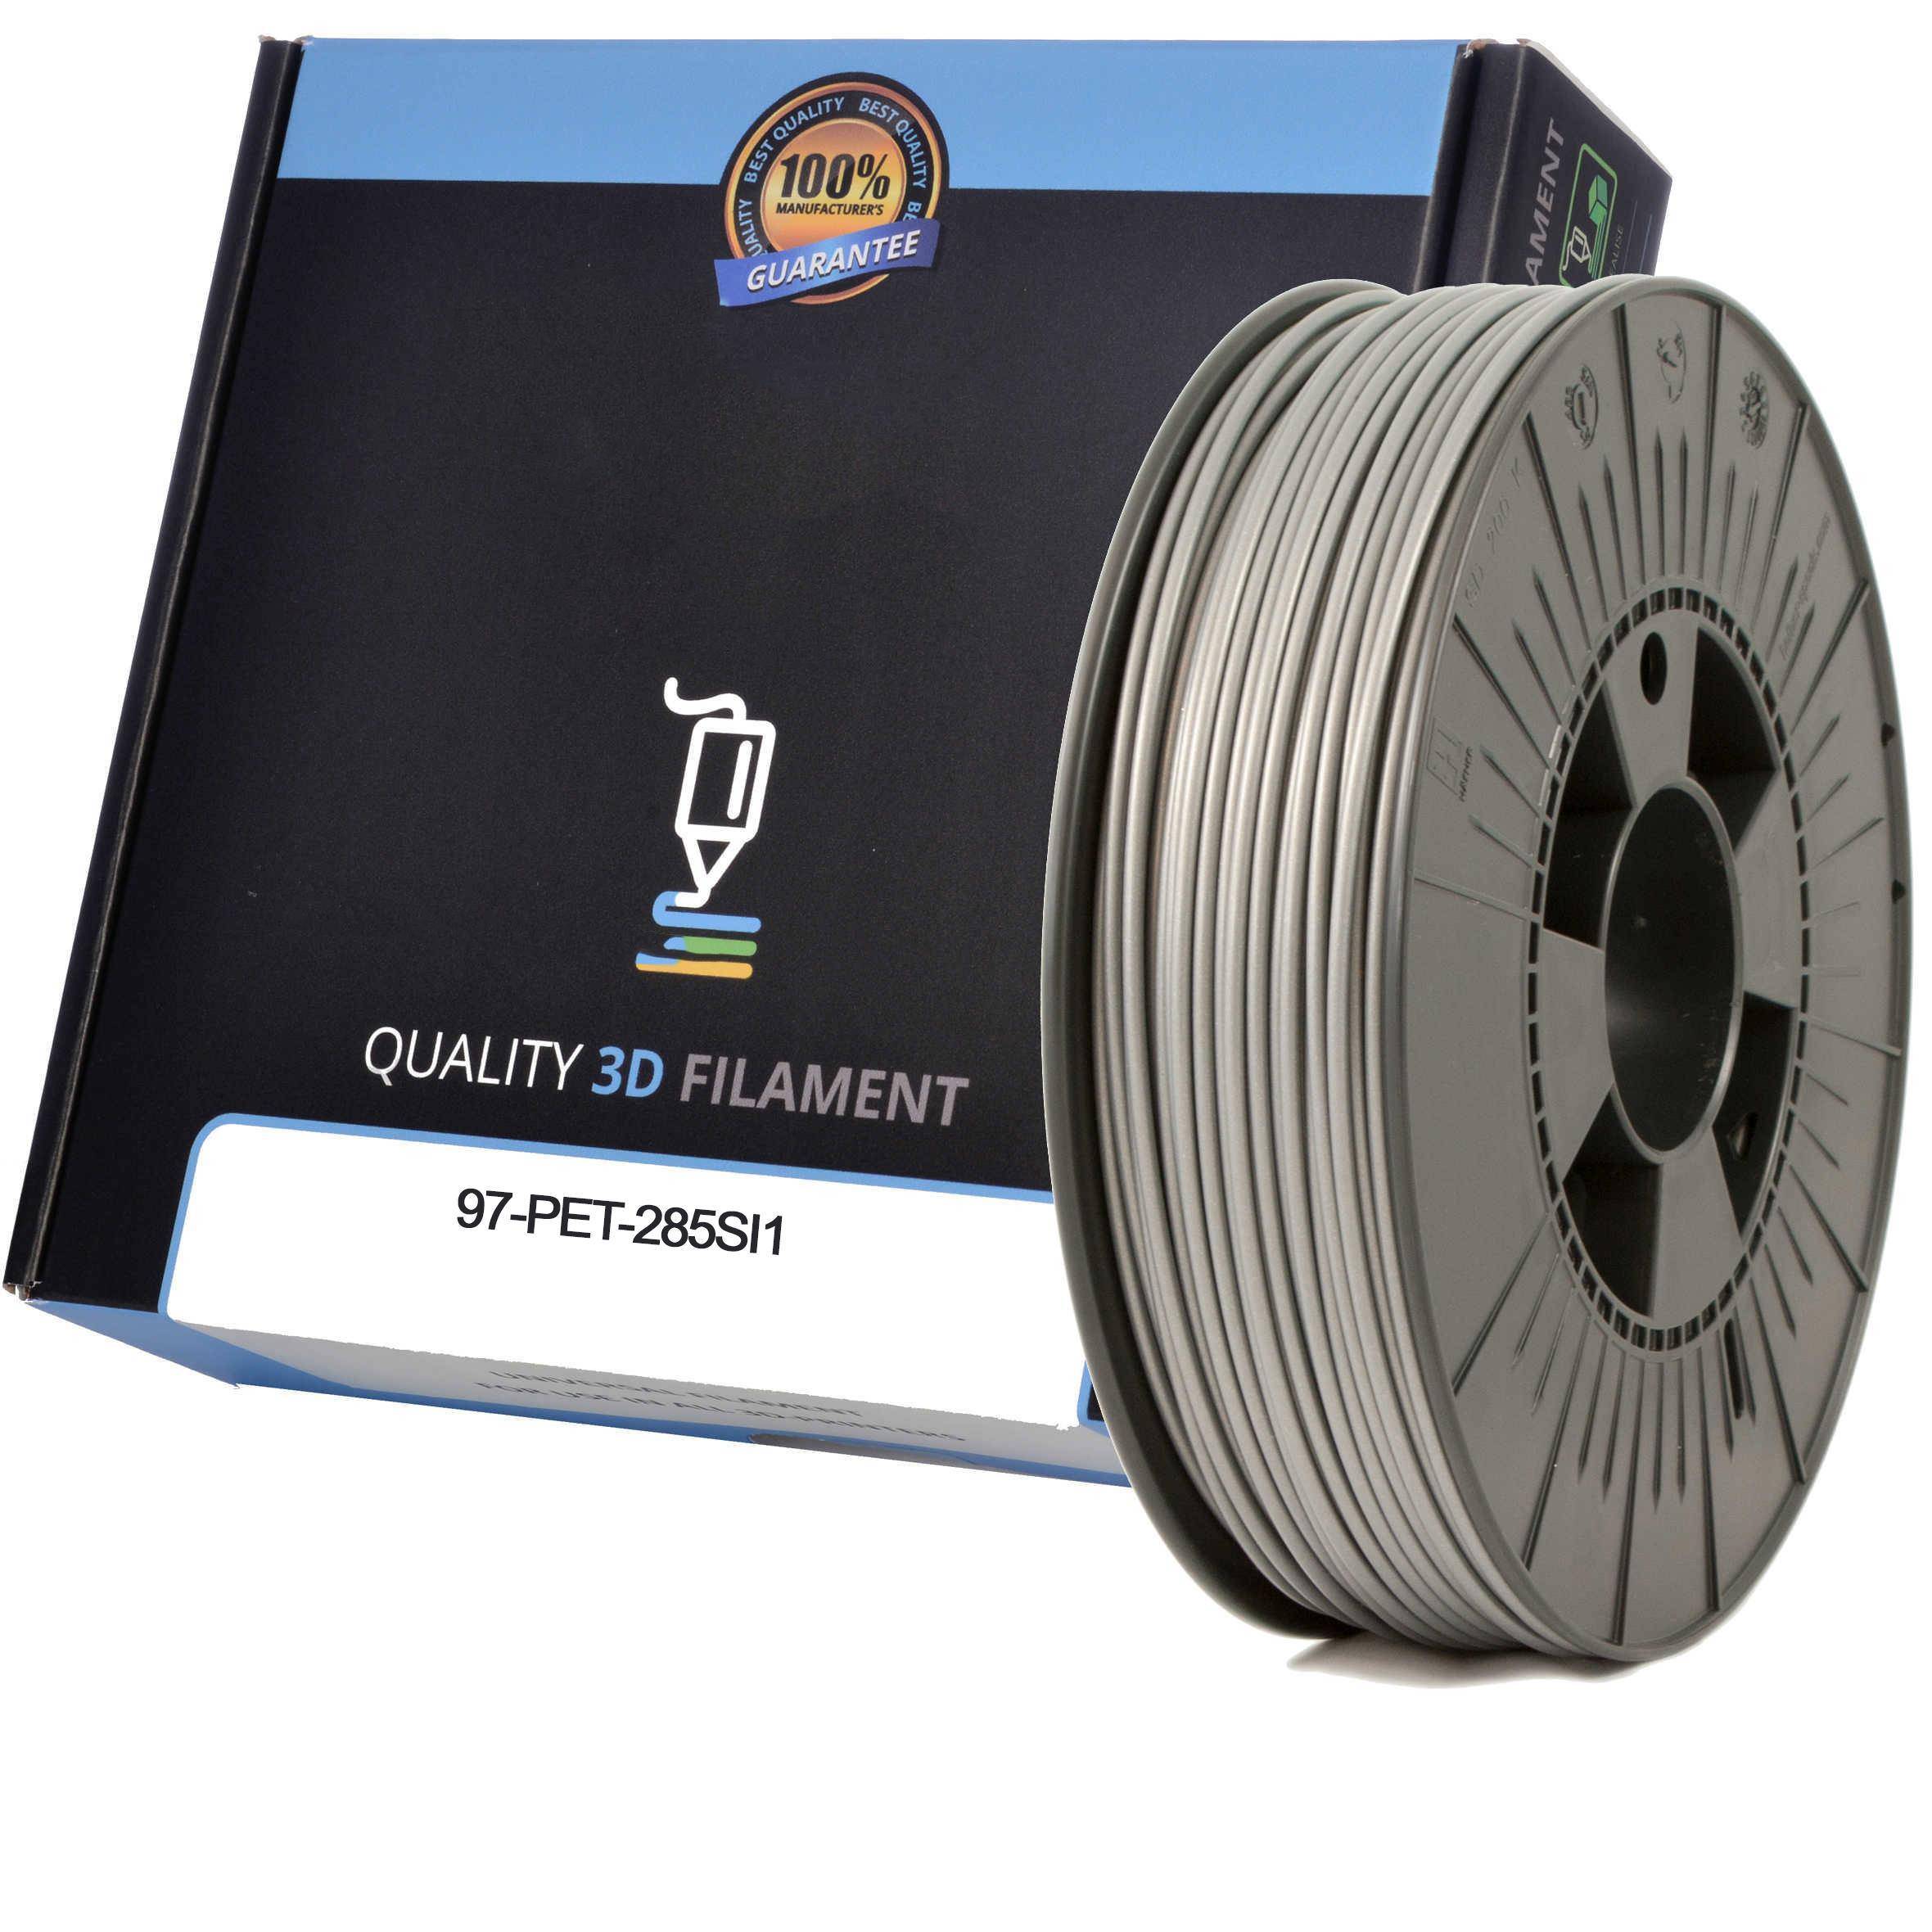 Premium Compatible PETG 2.85mm Silver 1kg 3D Filament (97-PET-285SI1)